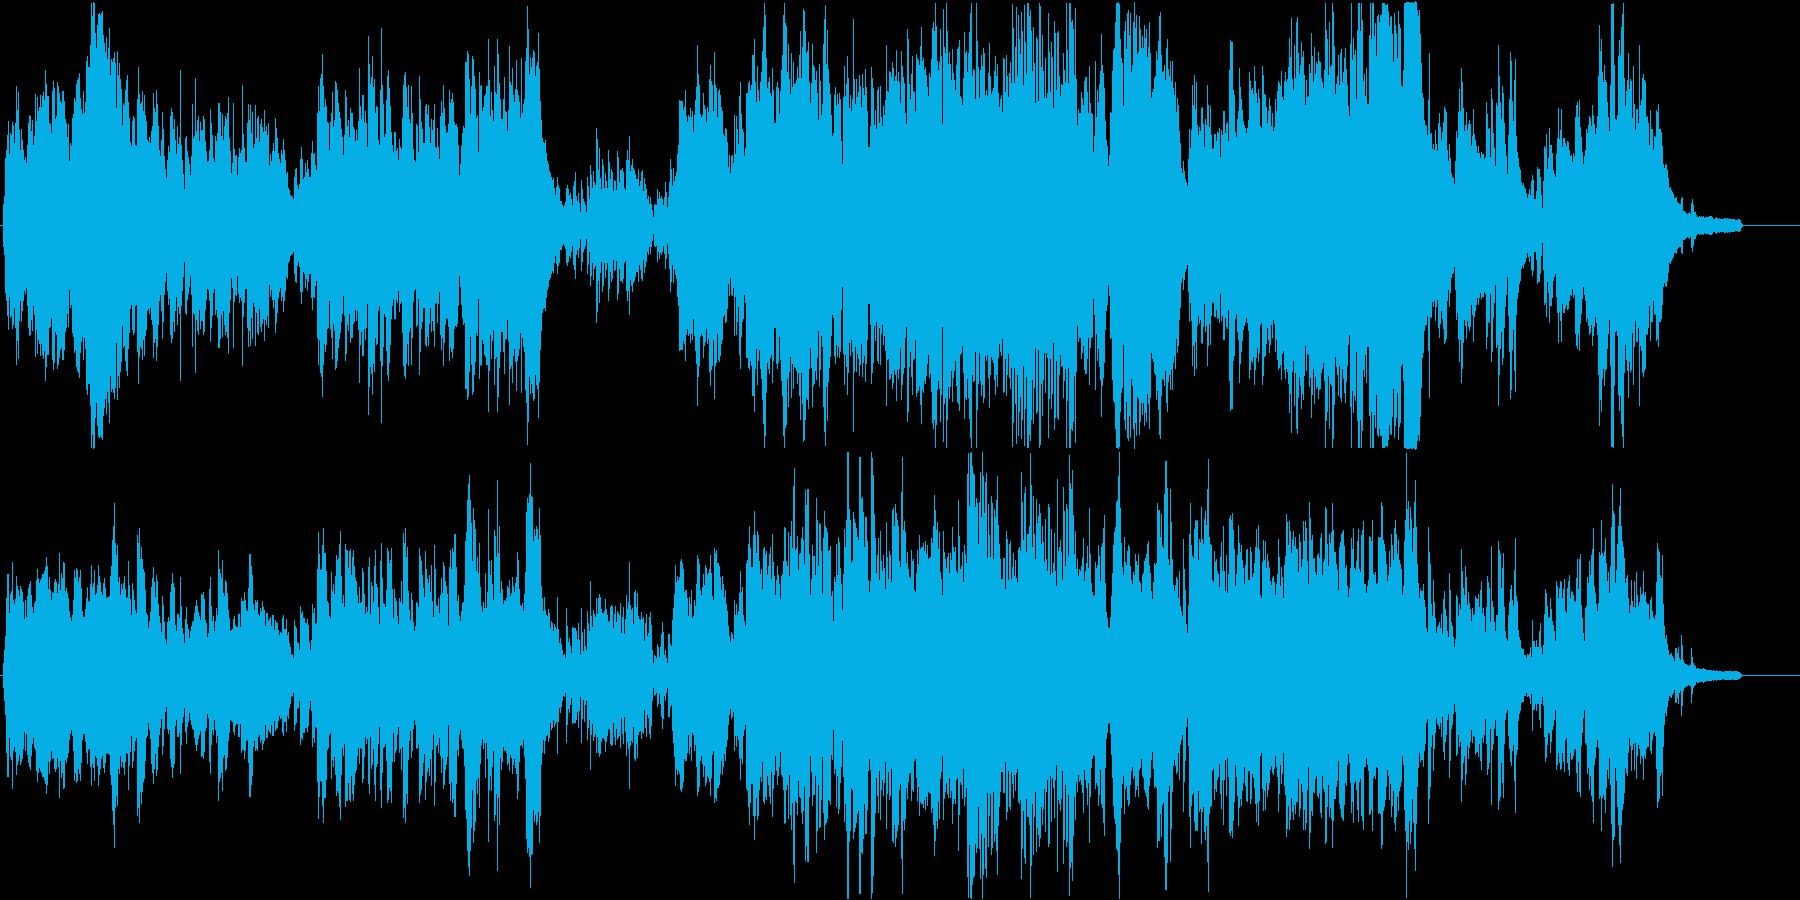 不協和音で構成された躍動感のある現代音楽の再生済みの波形